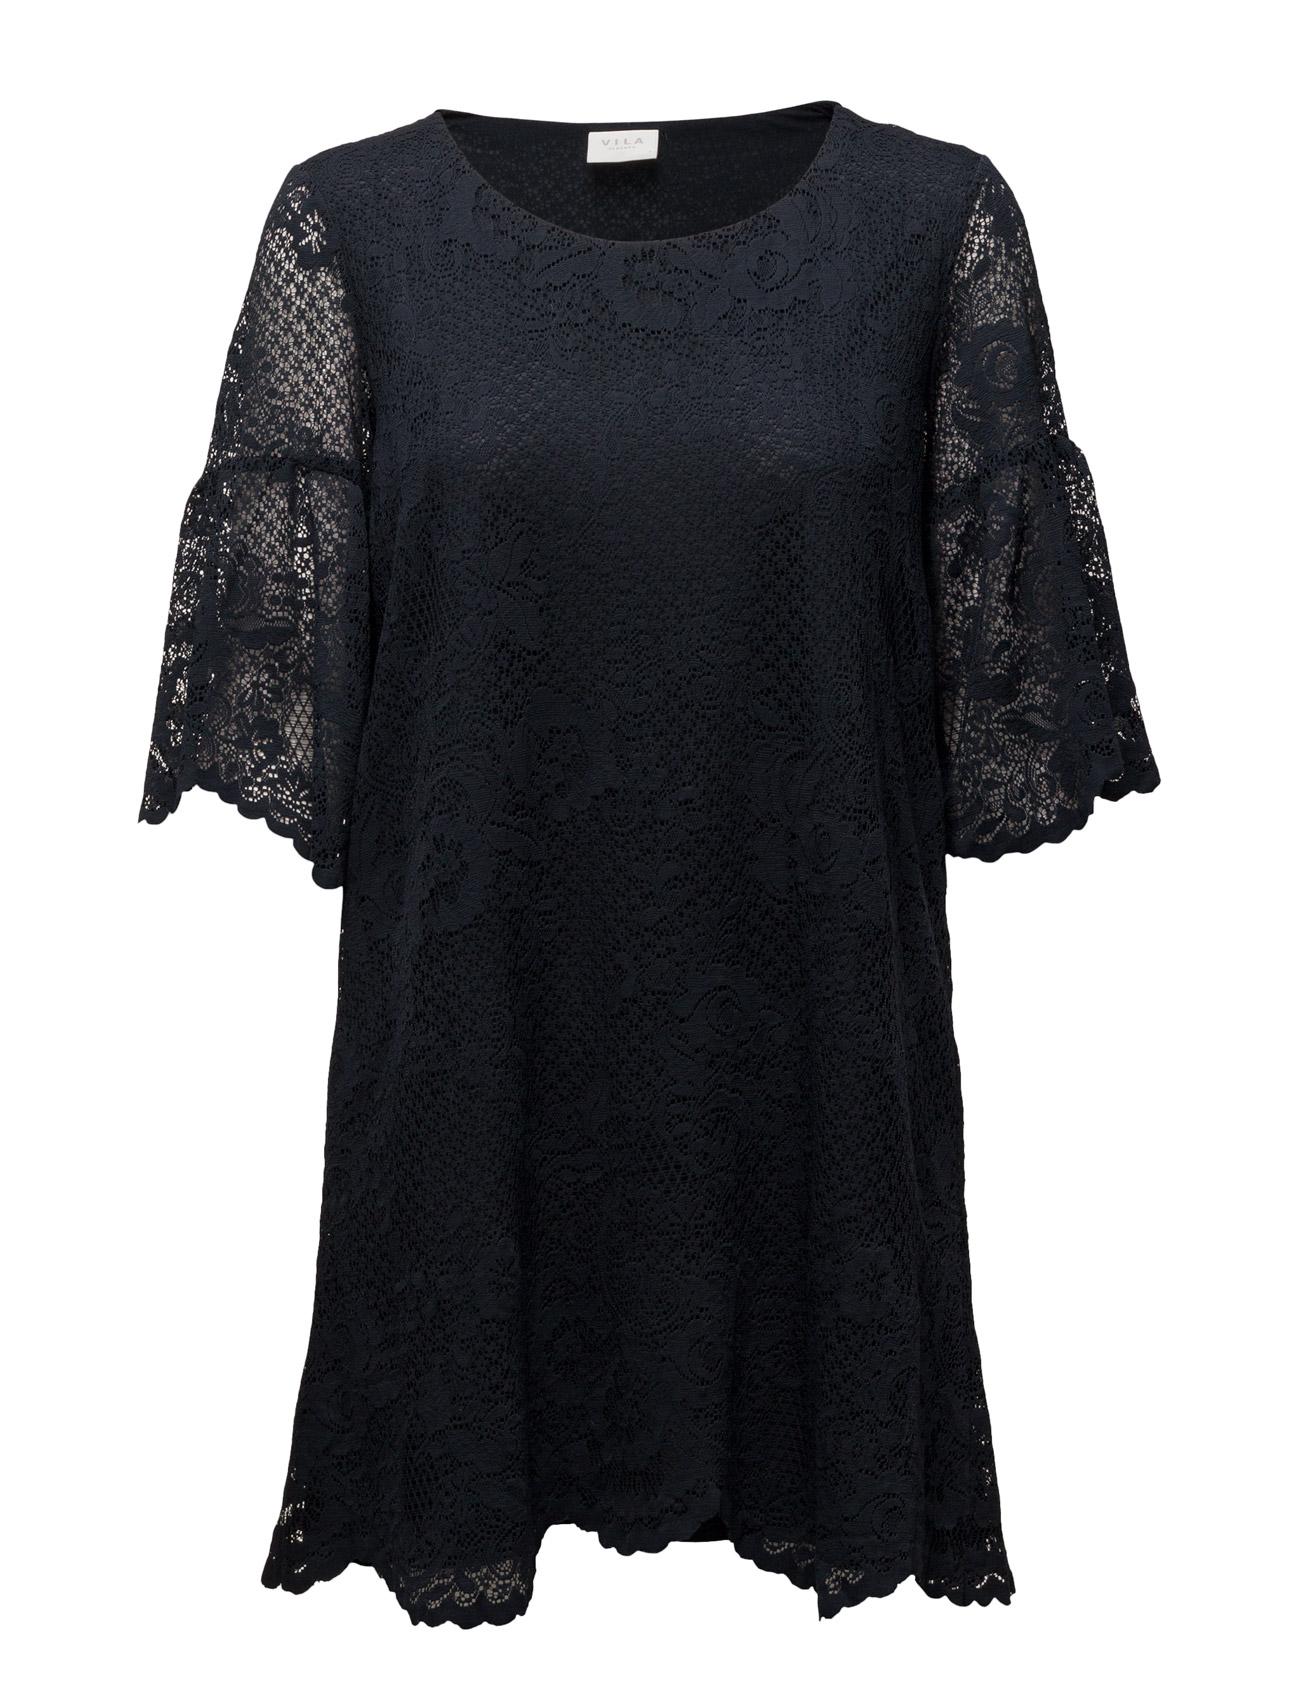 6b8857c5abcf Viloras 3 4 Sleeve Lace Dress Vila Korte kjoler til Kvinder i Total Eclipse